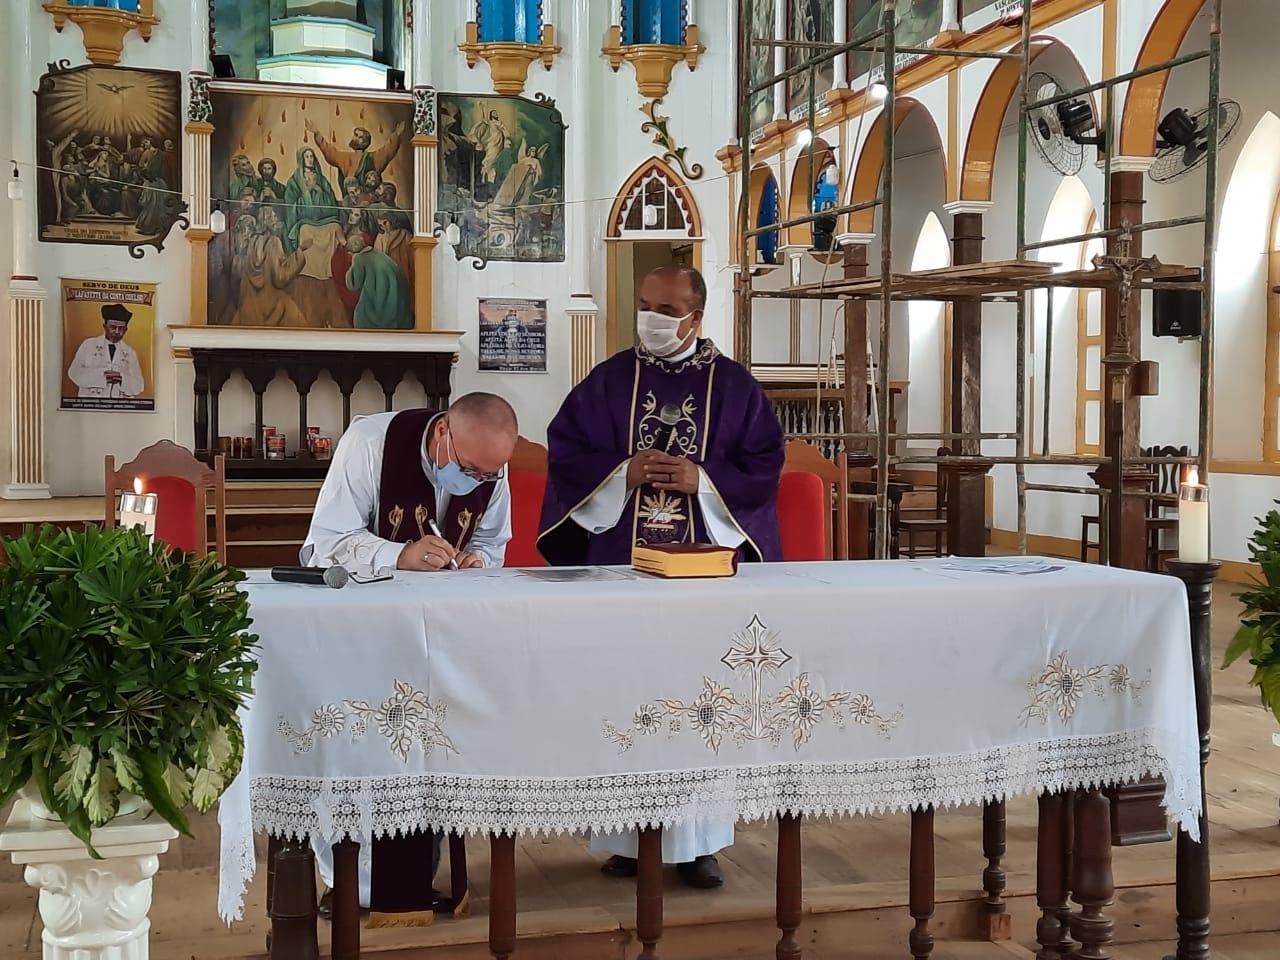 Felicitações de acolhida do novo vigário de Santa Maria Eterna